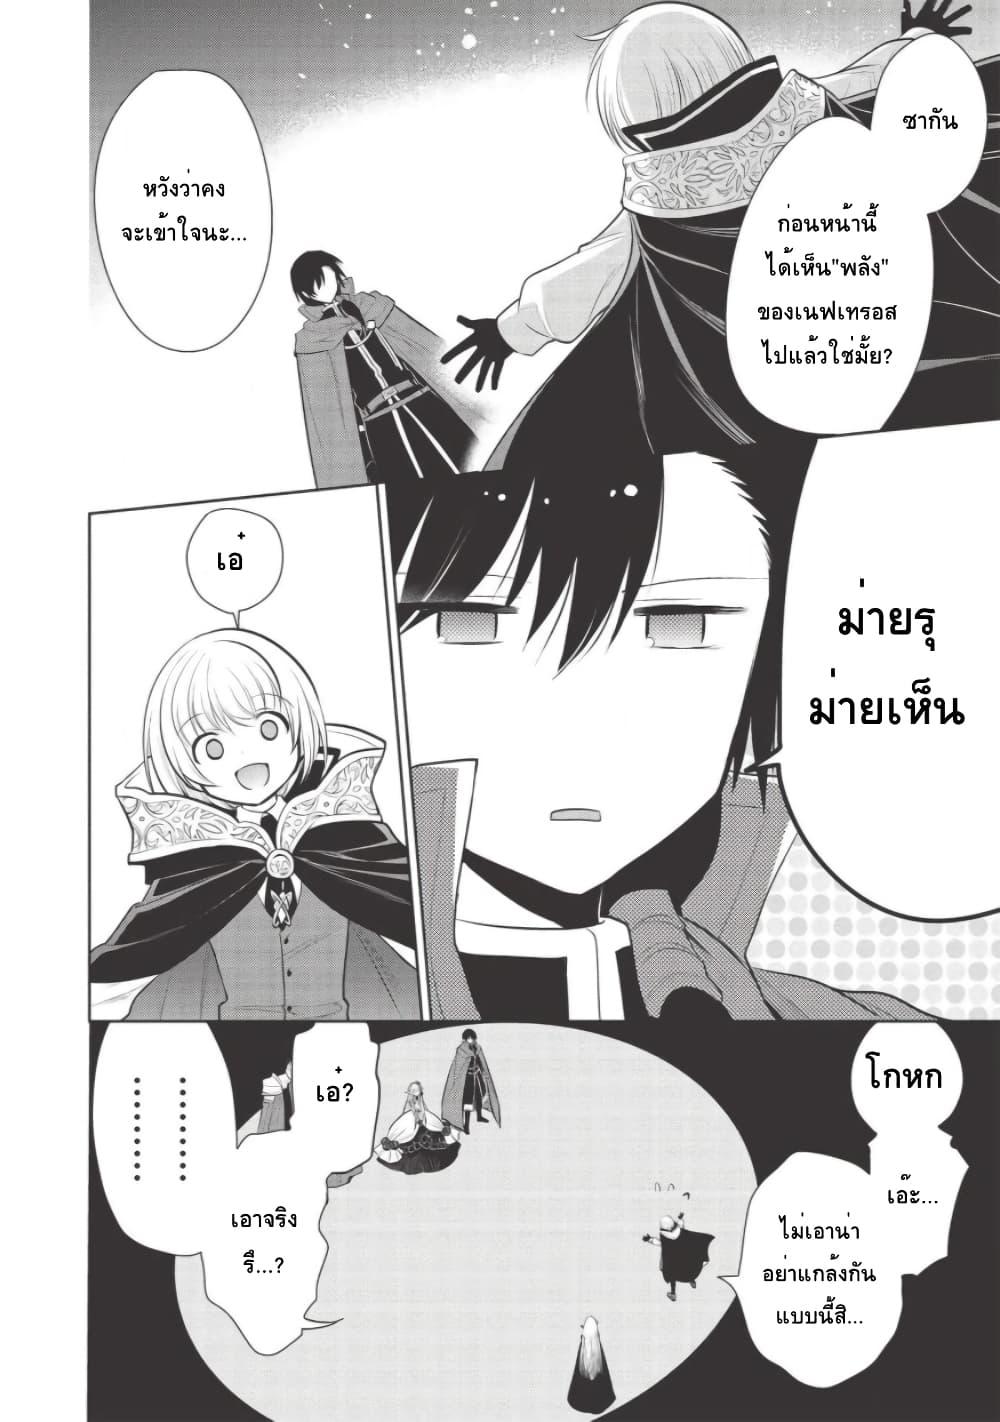 อ่านการ์ตูน Maou no Ore ga Dorei Elf wo Yome ni Shitanda ga Dou Medereba Ii ตอนที่ 30 หน้าที่ 30